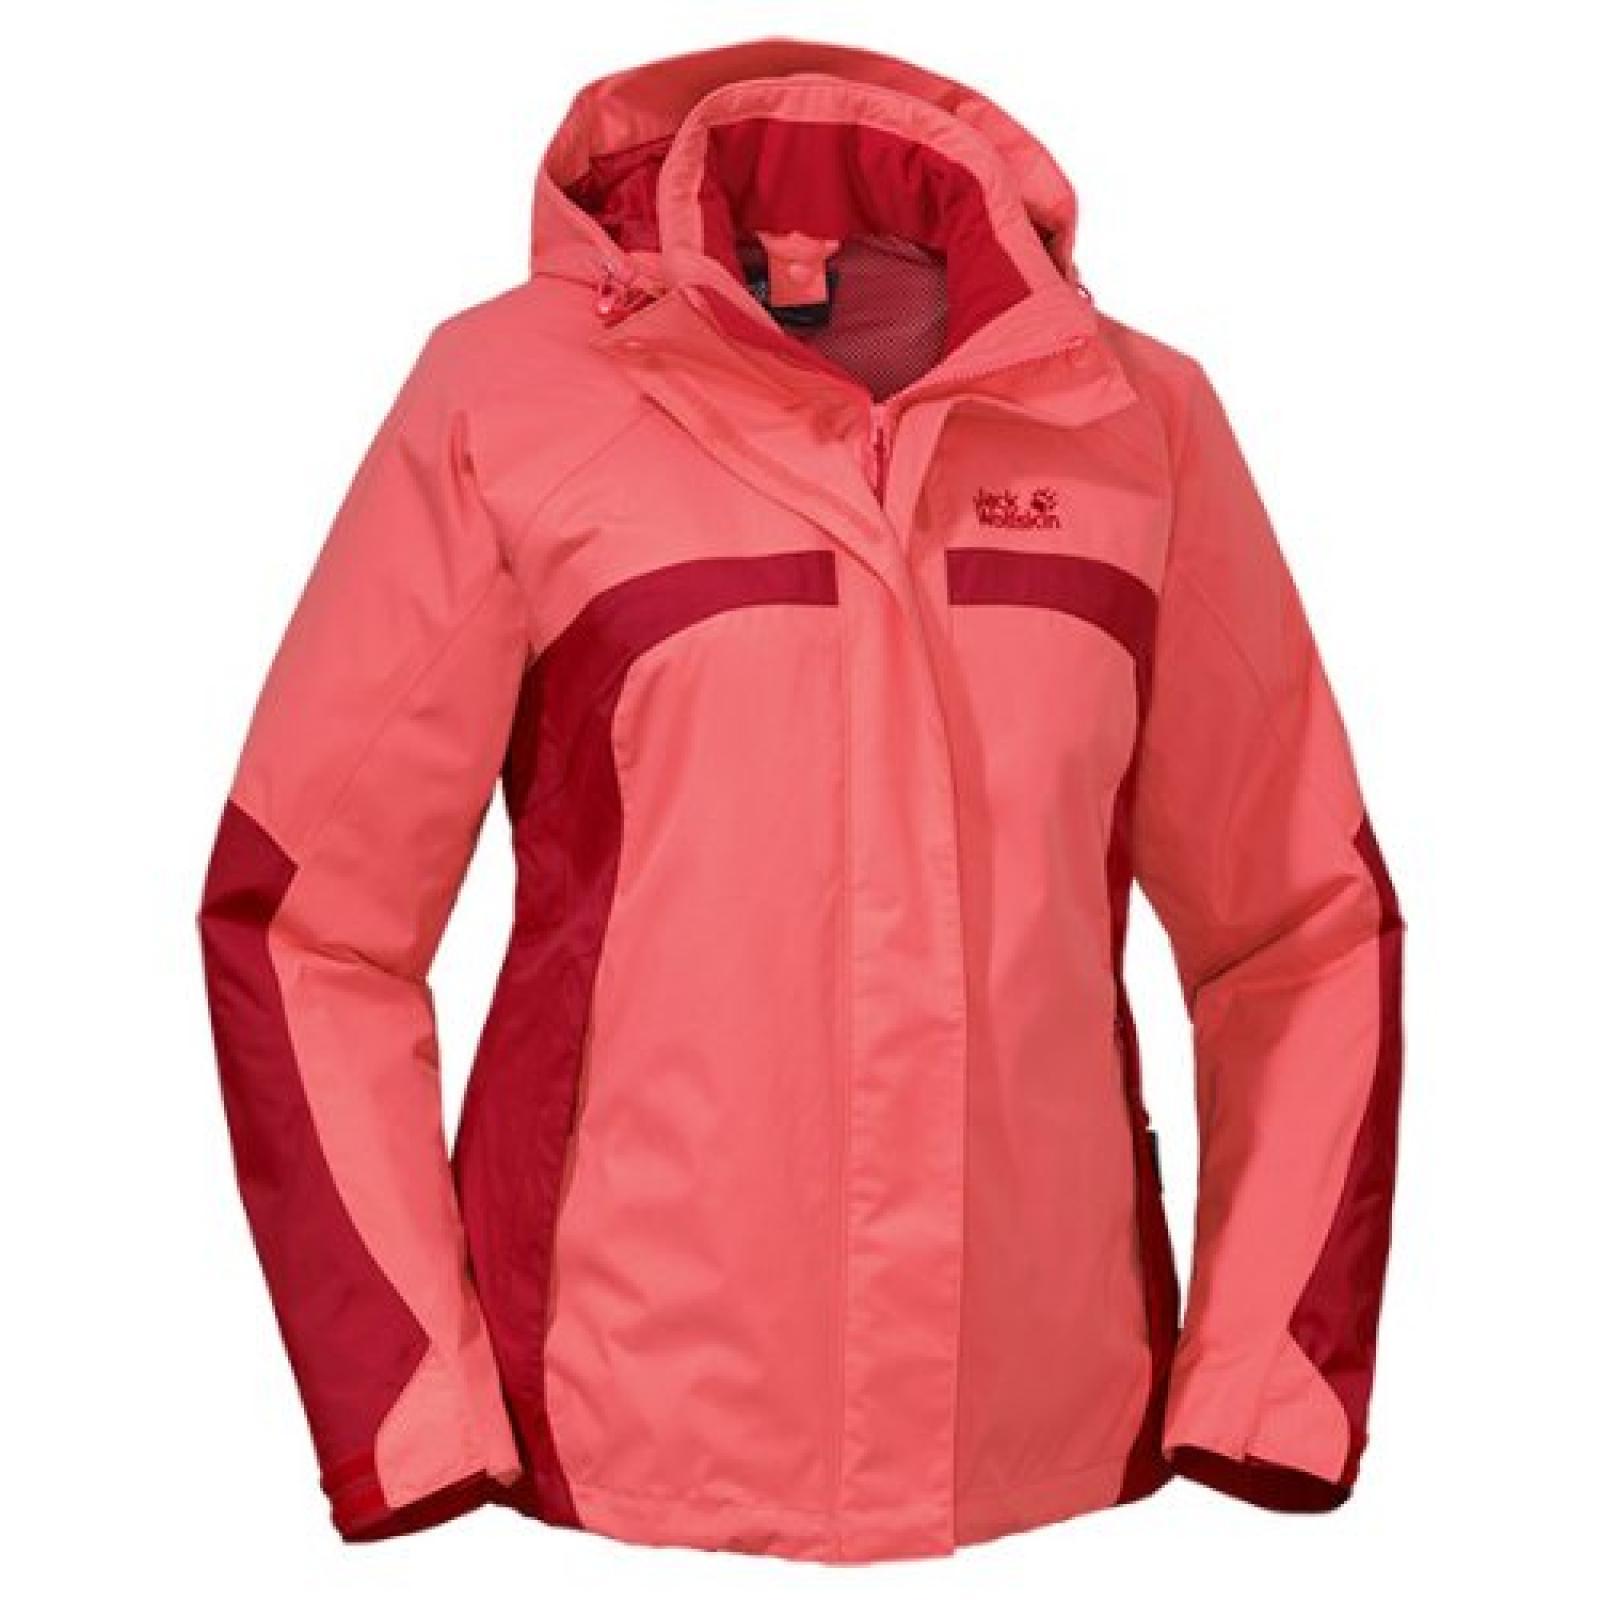 Jack Wolfskin Damen Wetterschutzjacke Topaz II Jacket Women